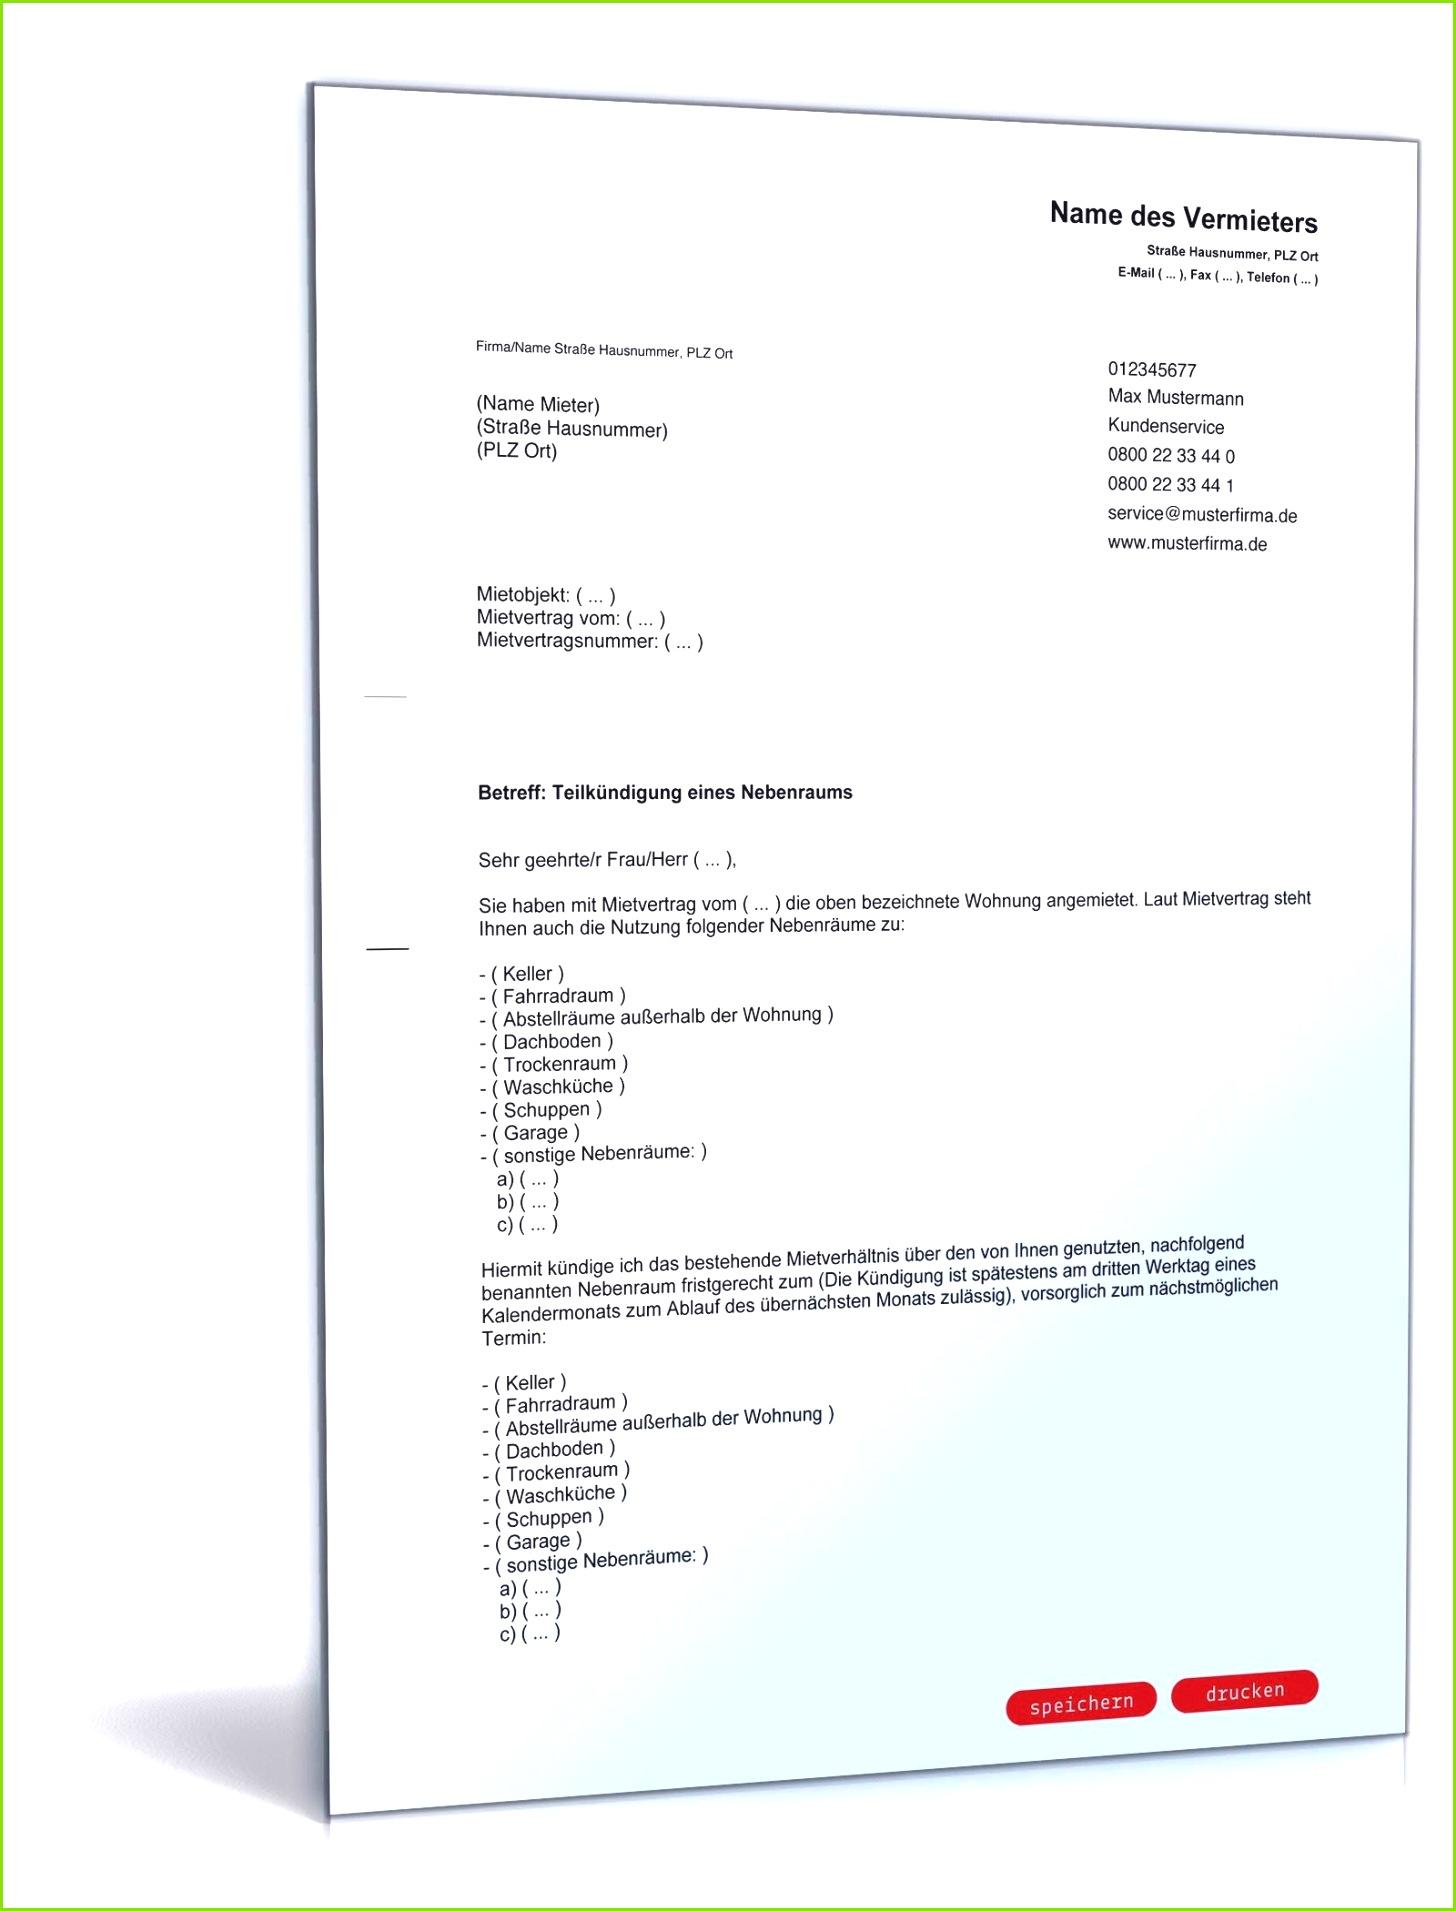 Fein Vermieter Inventar Vorlage Frei Galerie Entry Level Resume